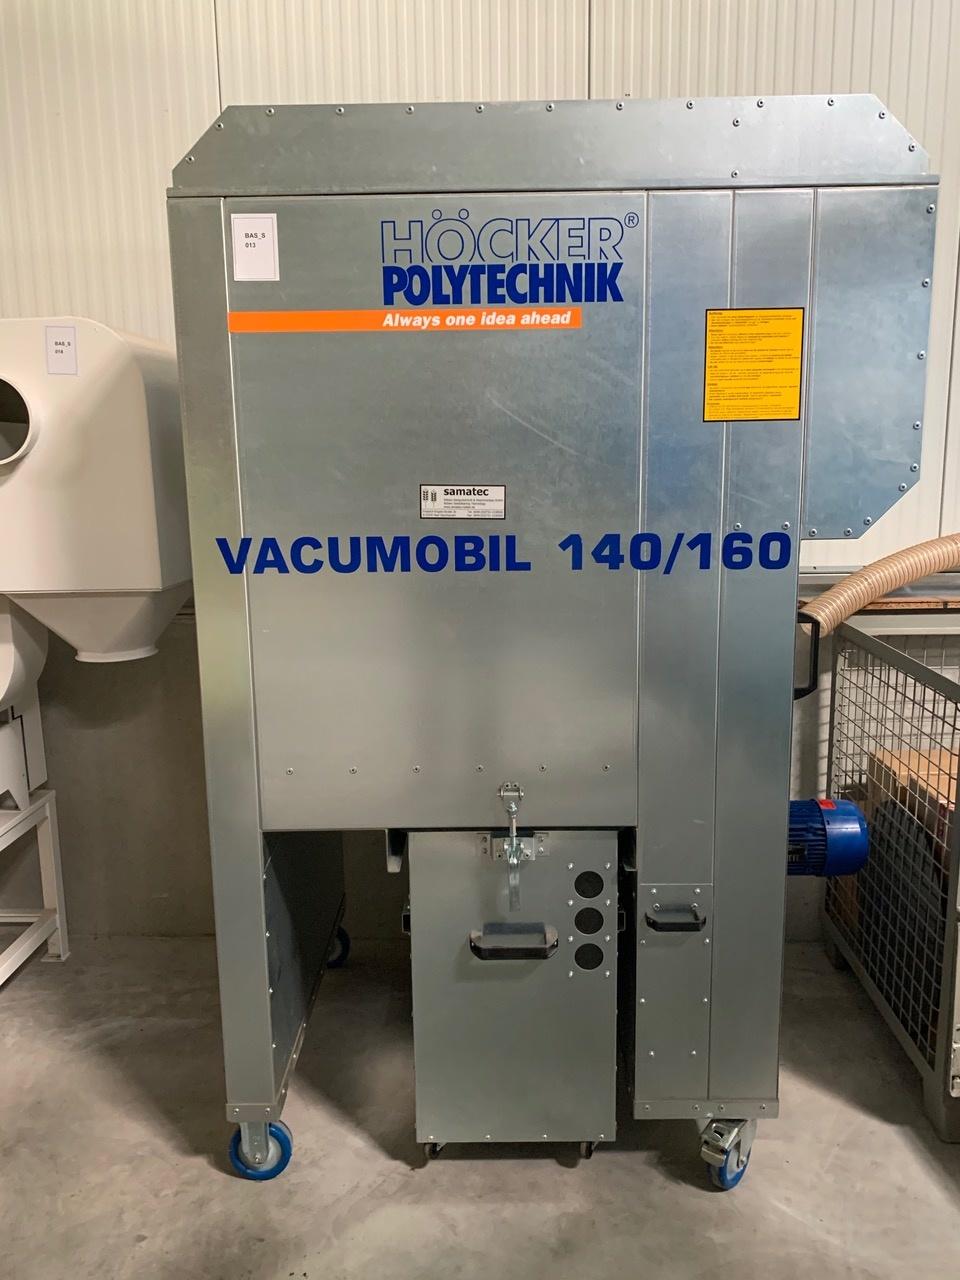 Höcker Polytechnik Höcker Vacumobil 140/160